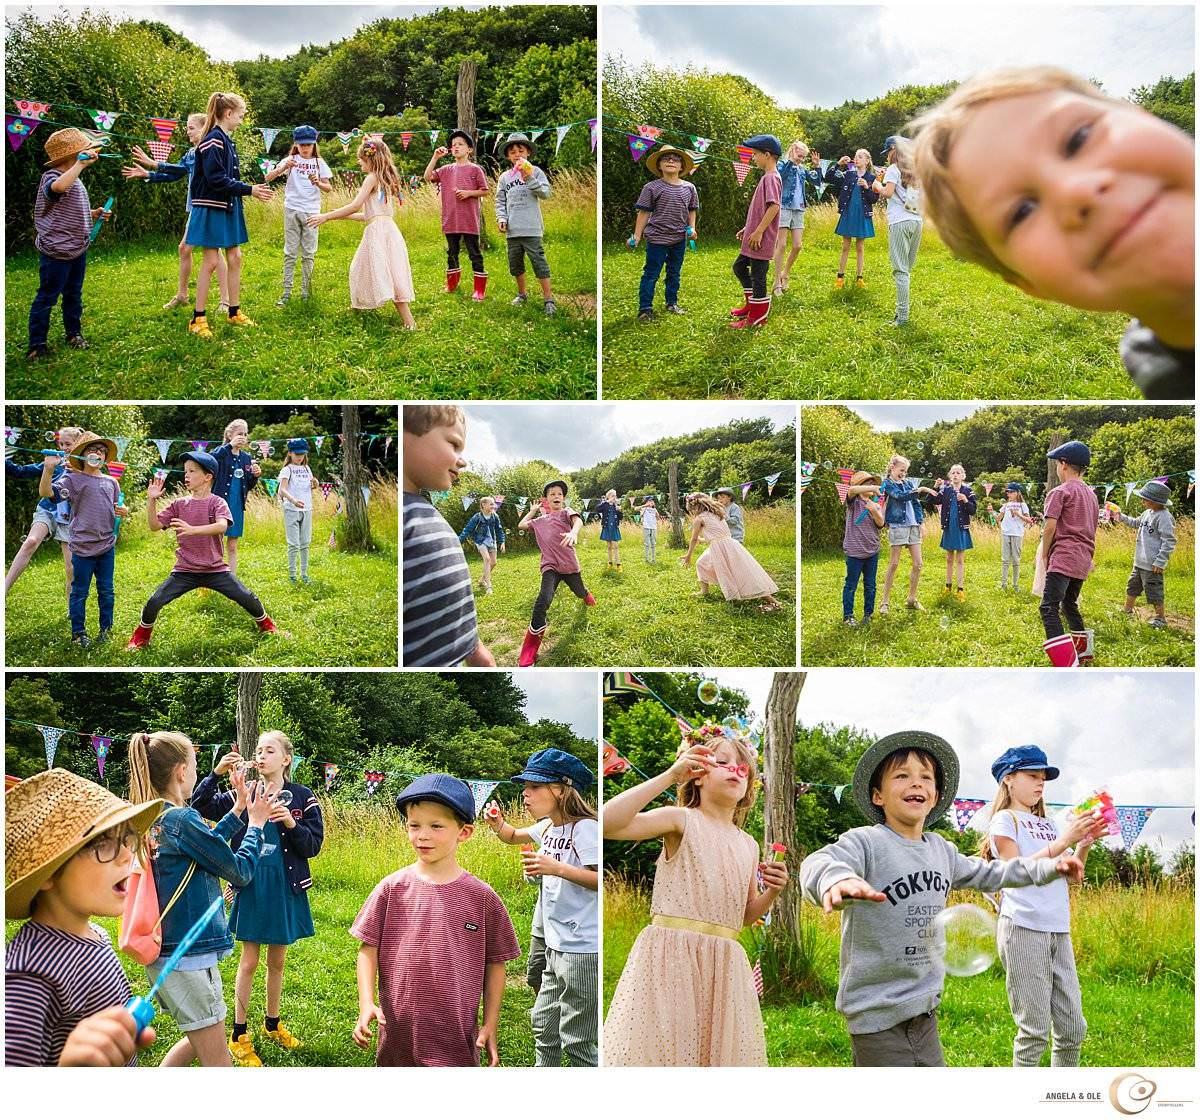 Kinderparty Kinderfotografie